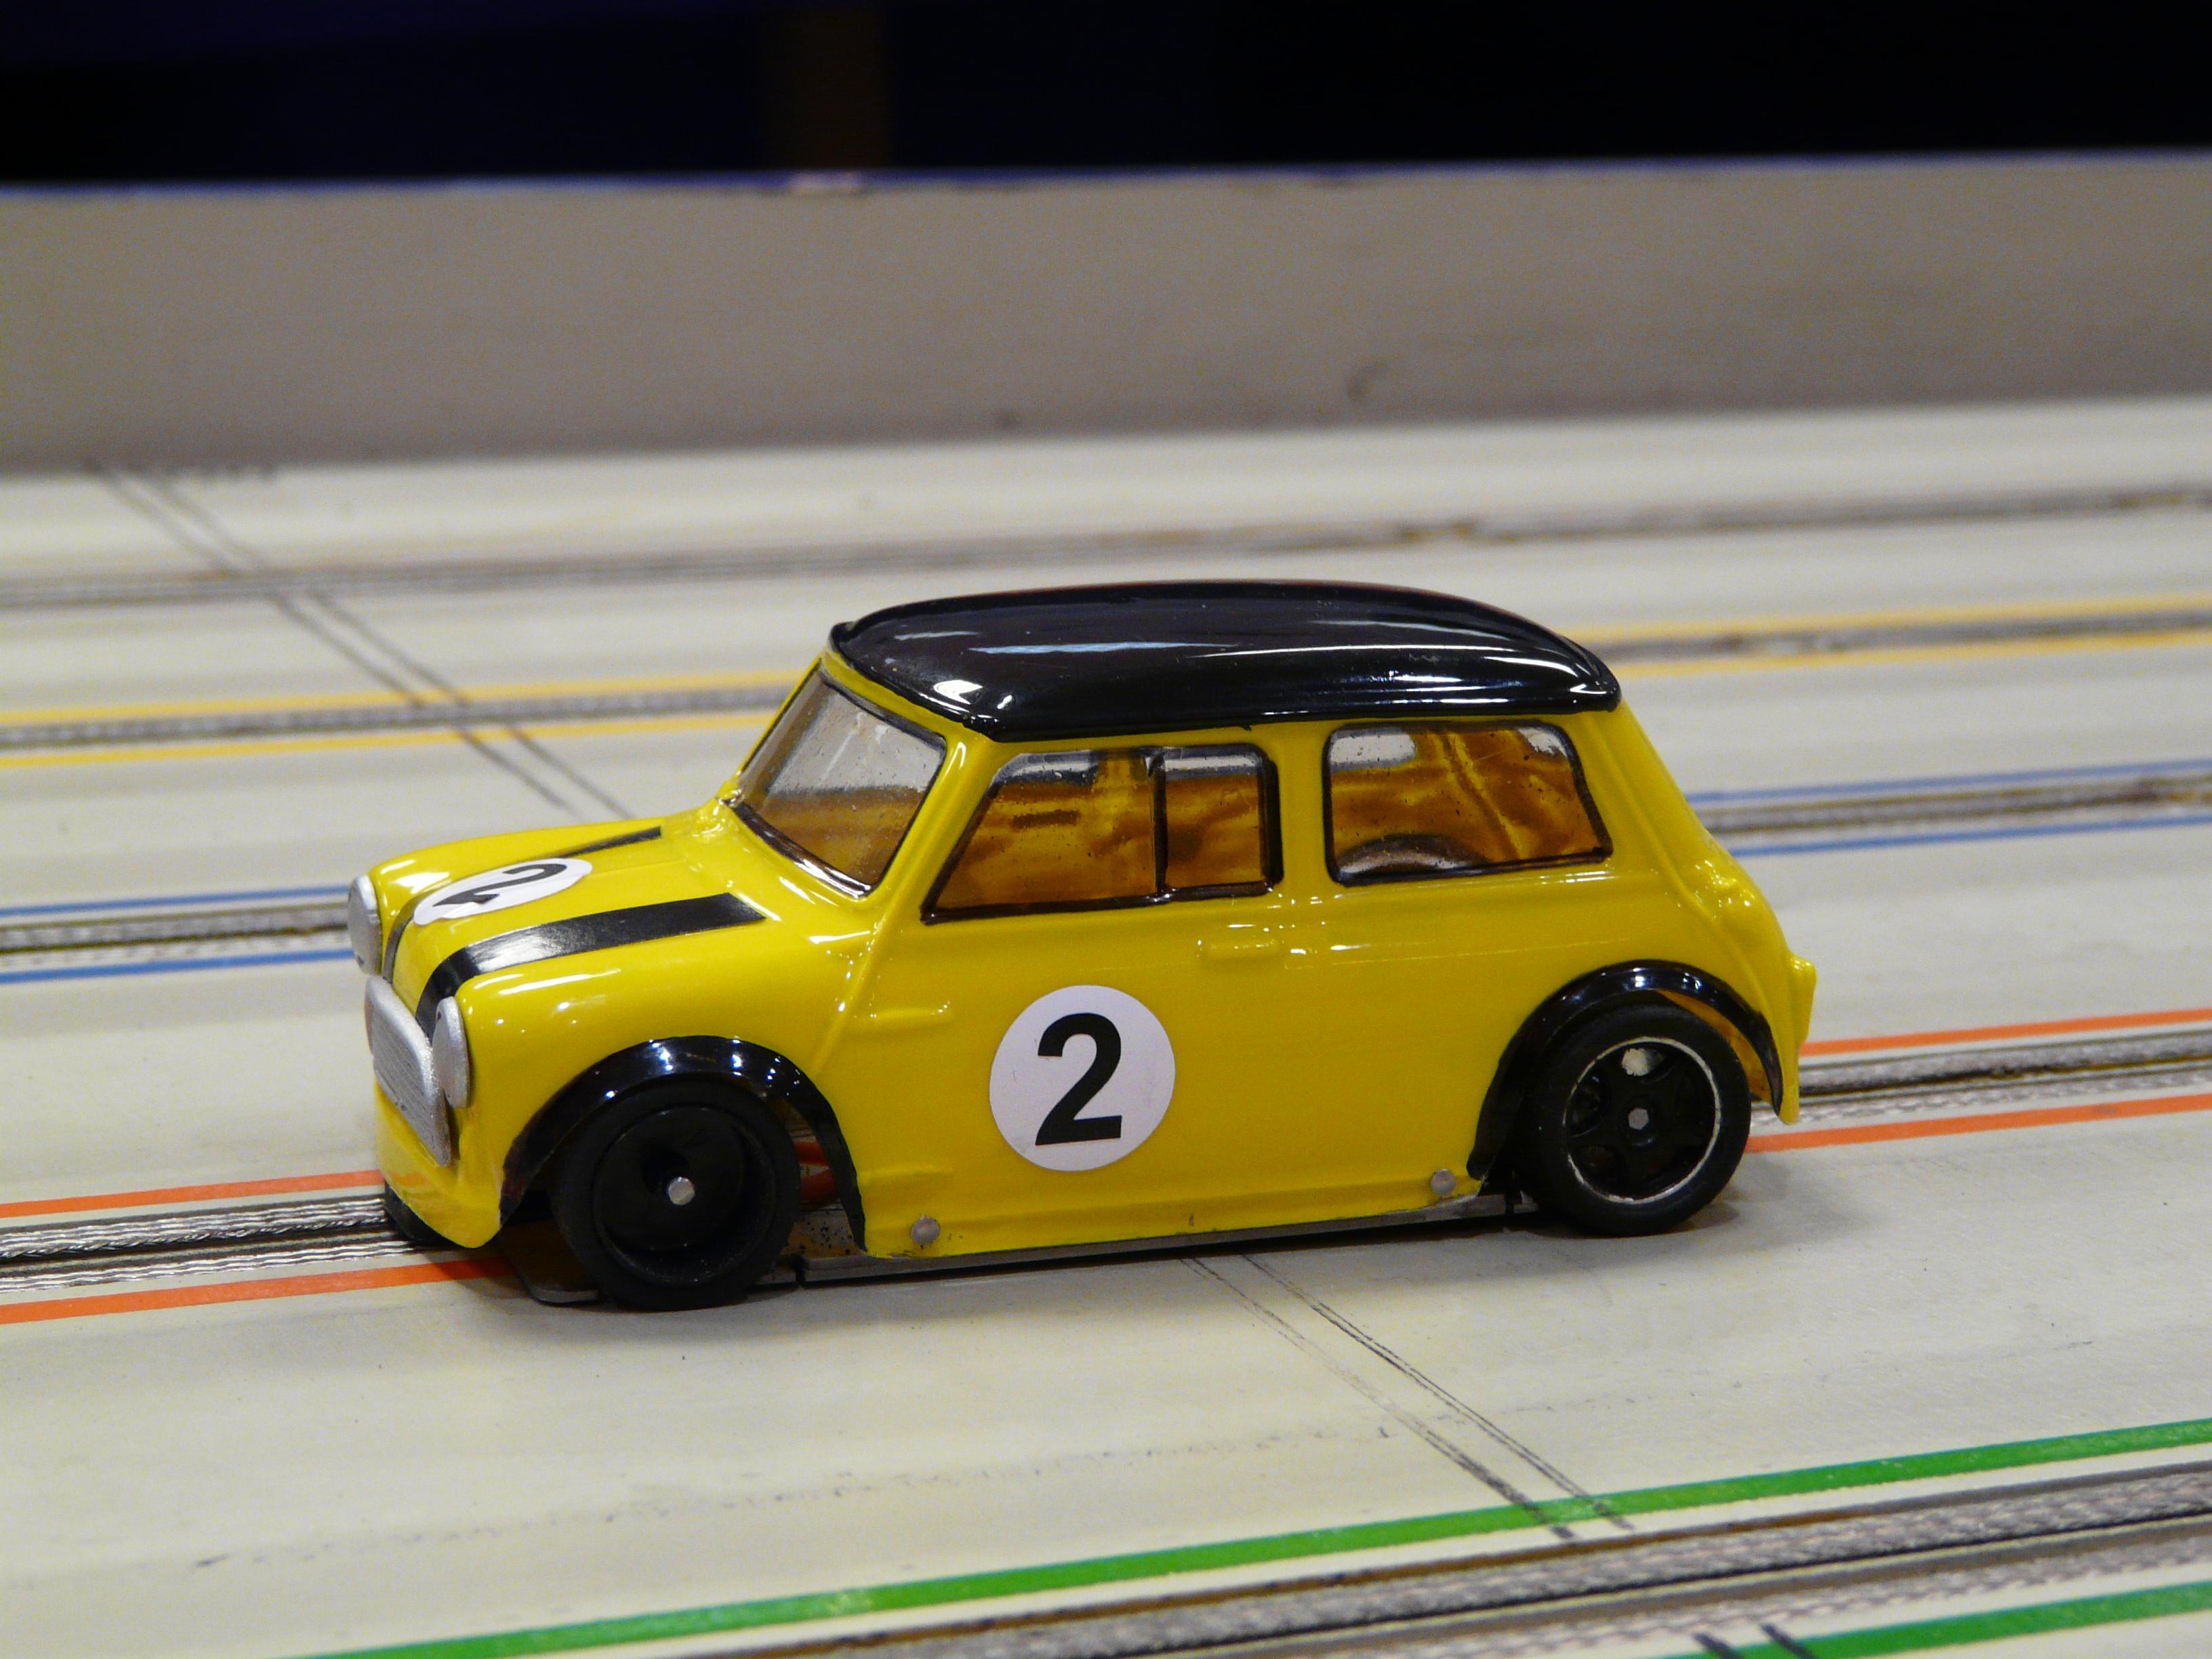 Hunts slot car club